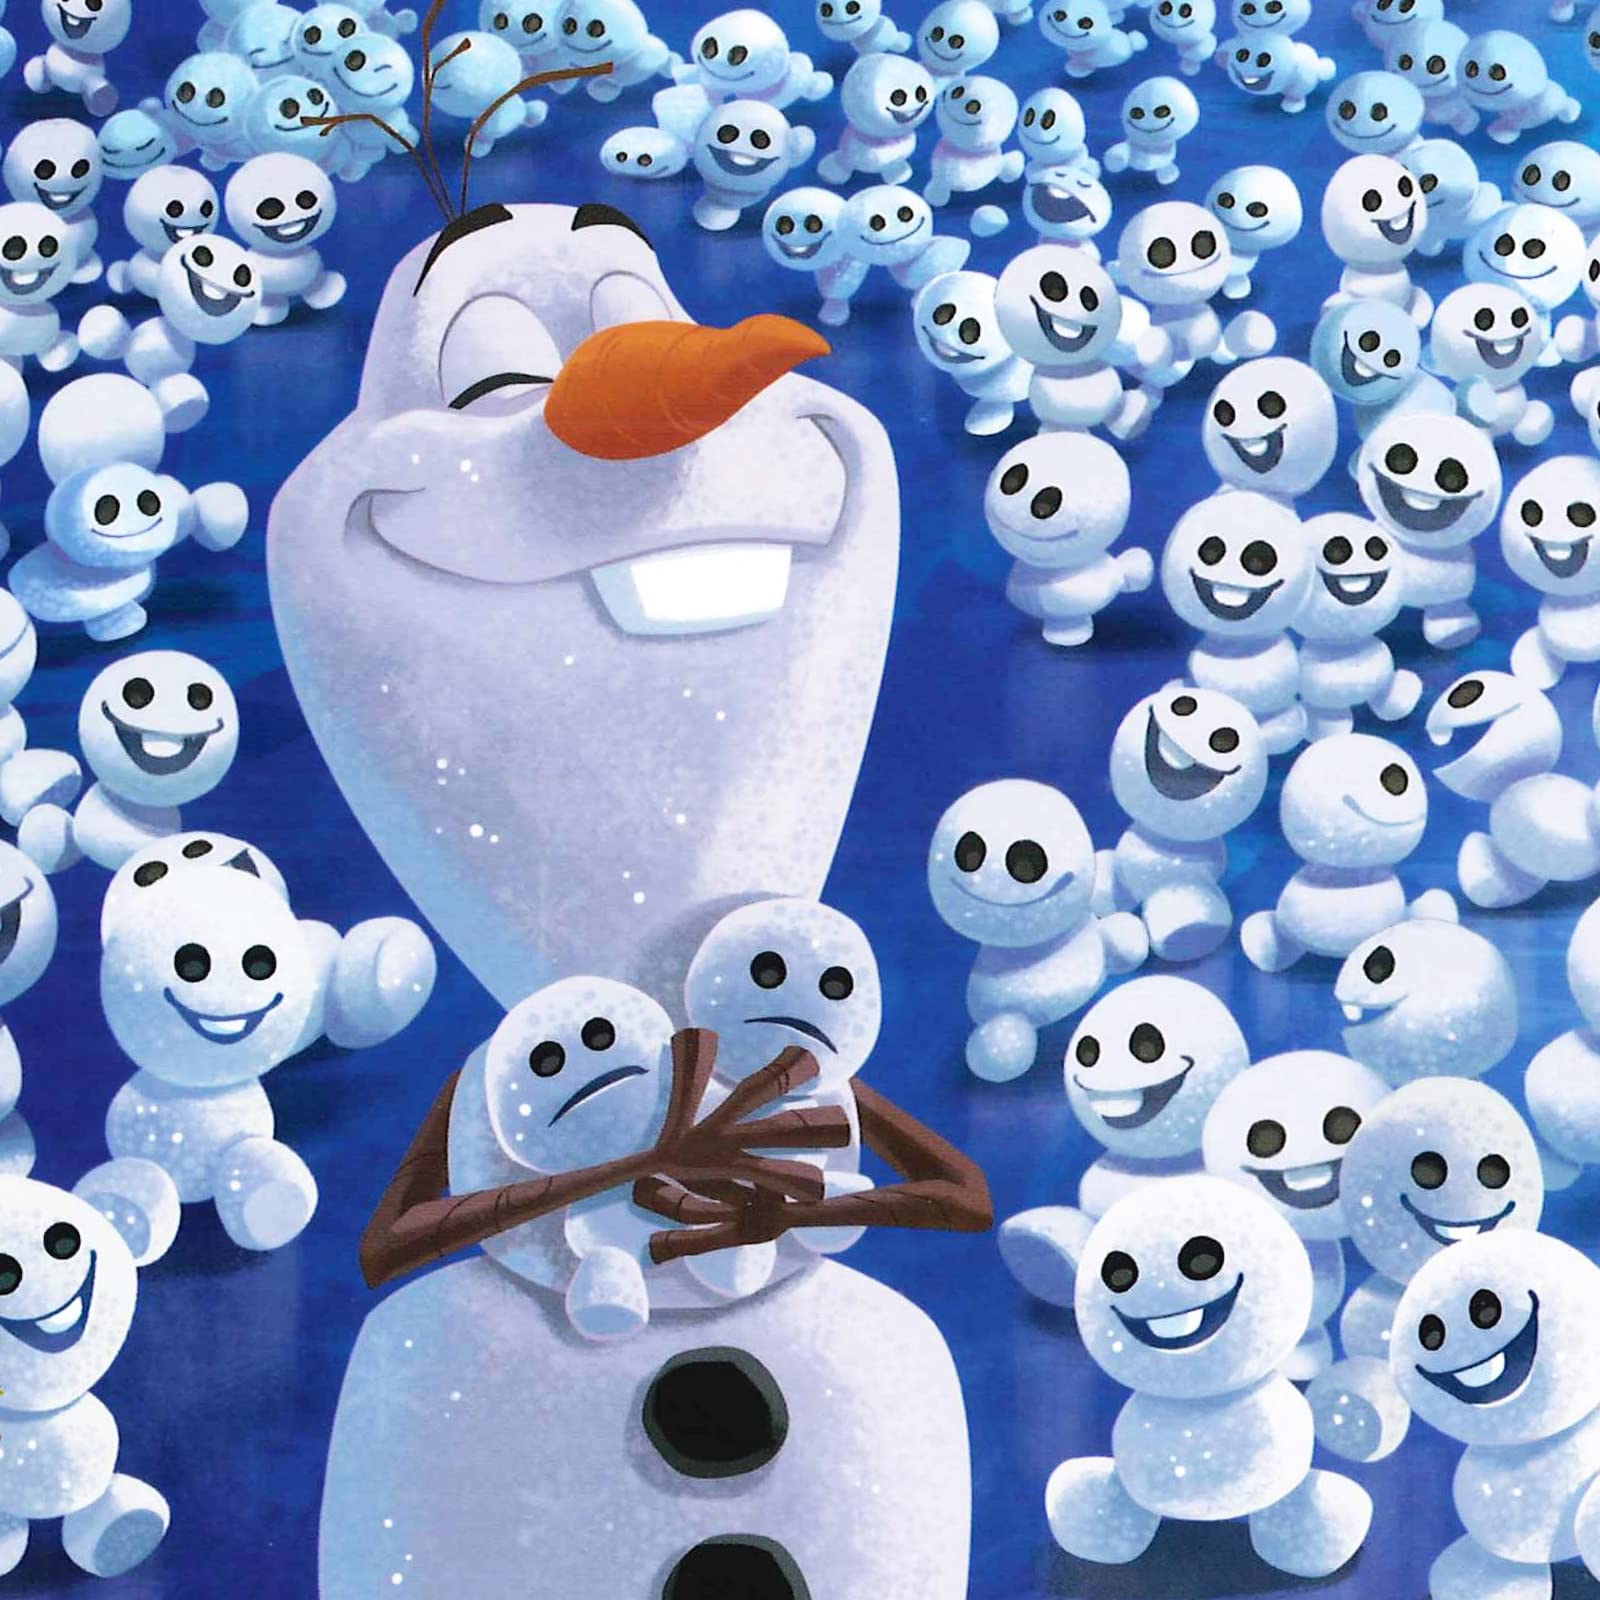 ディズニー Ipad壁紙 アナと雪の女王 オラフのちいさなおとうとたち アニメ スマホ用画像